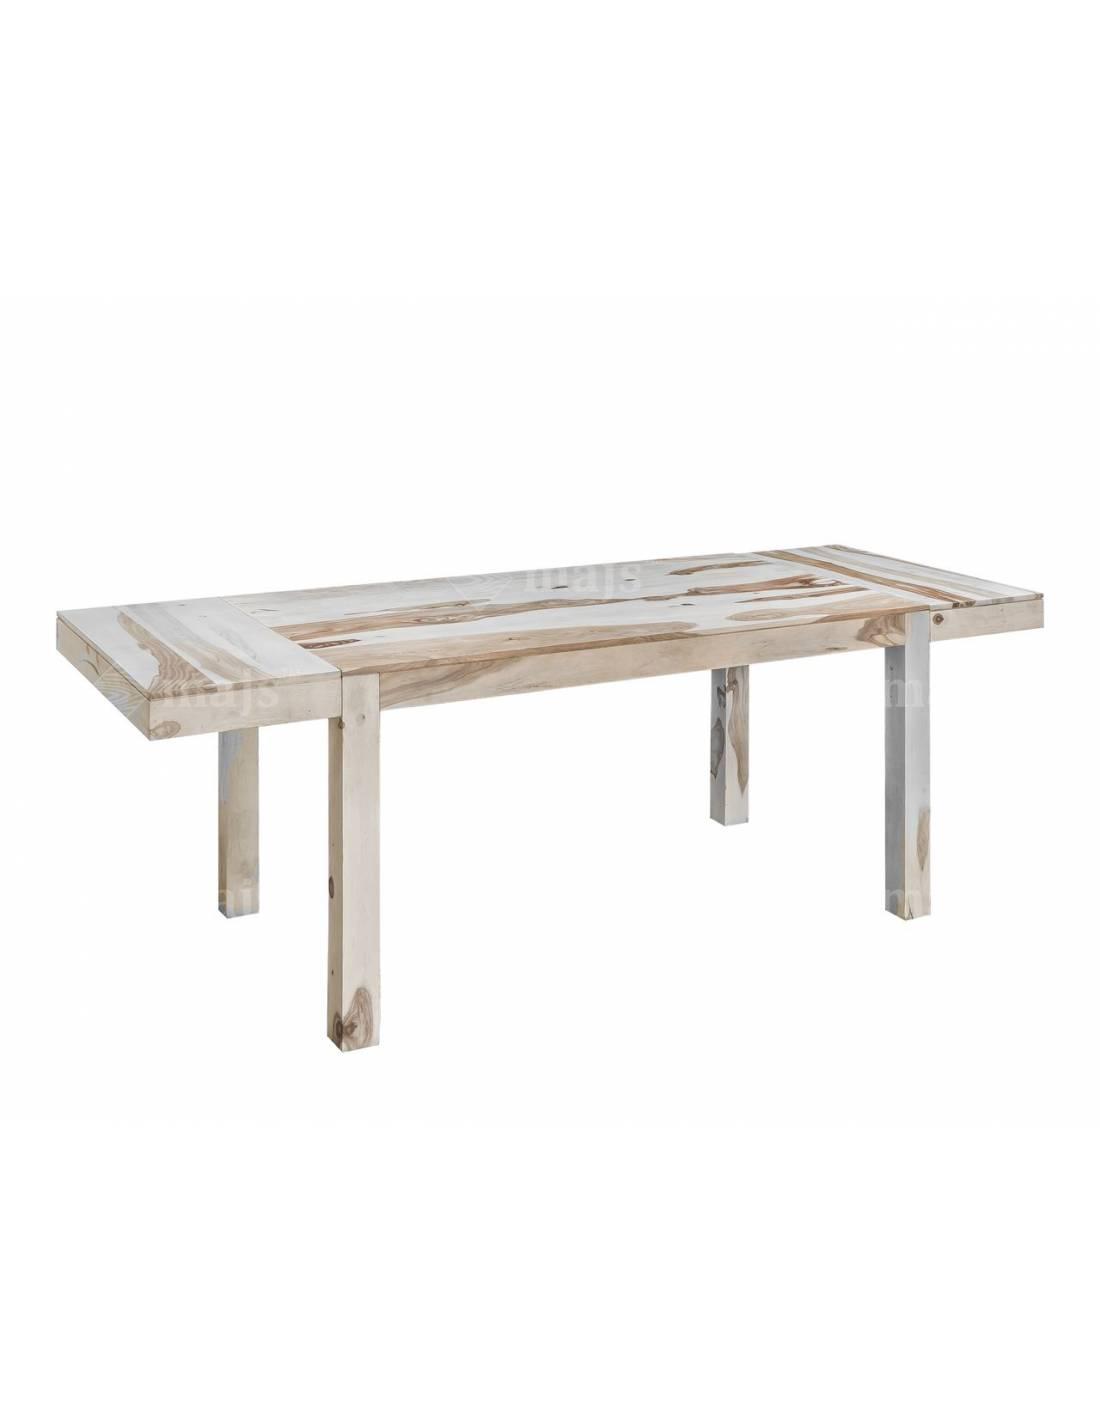 Stół do salonu 160-240 cm z litego bielonego drewna palisandru indyjskiego